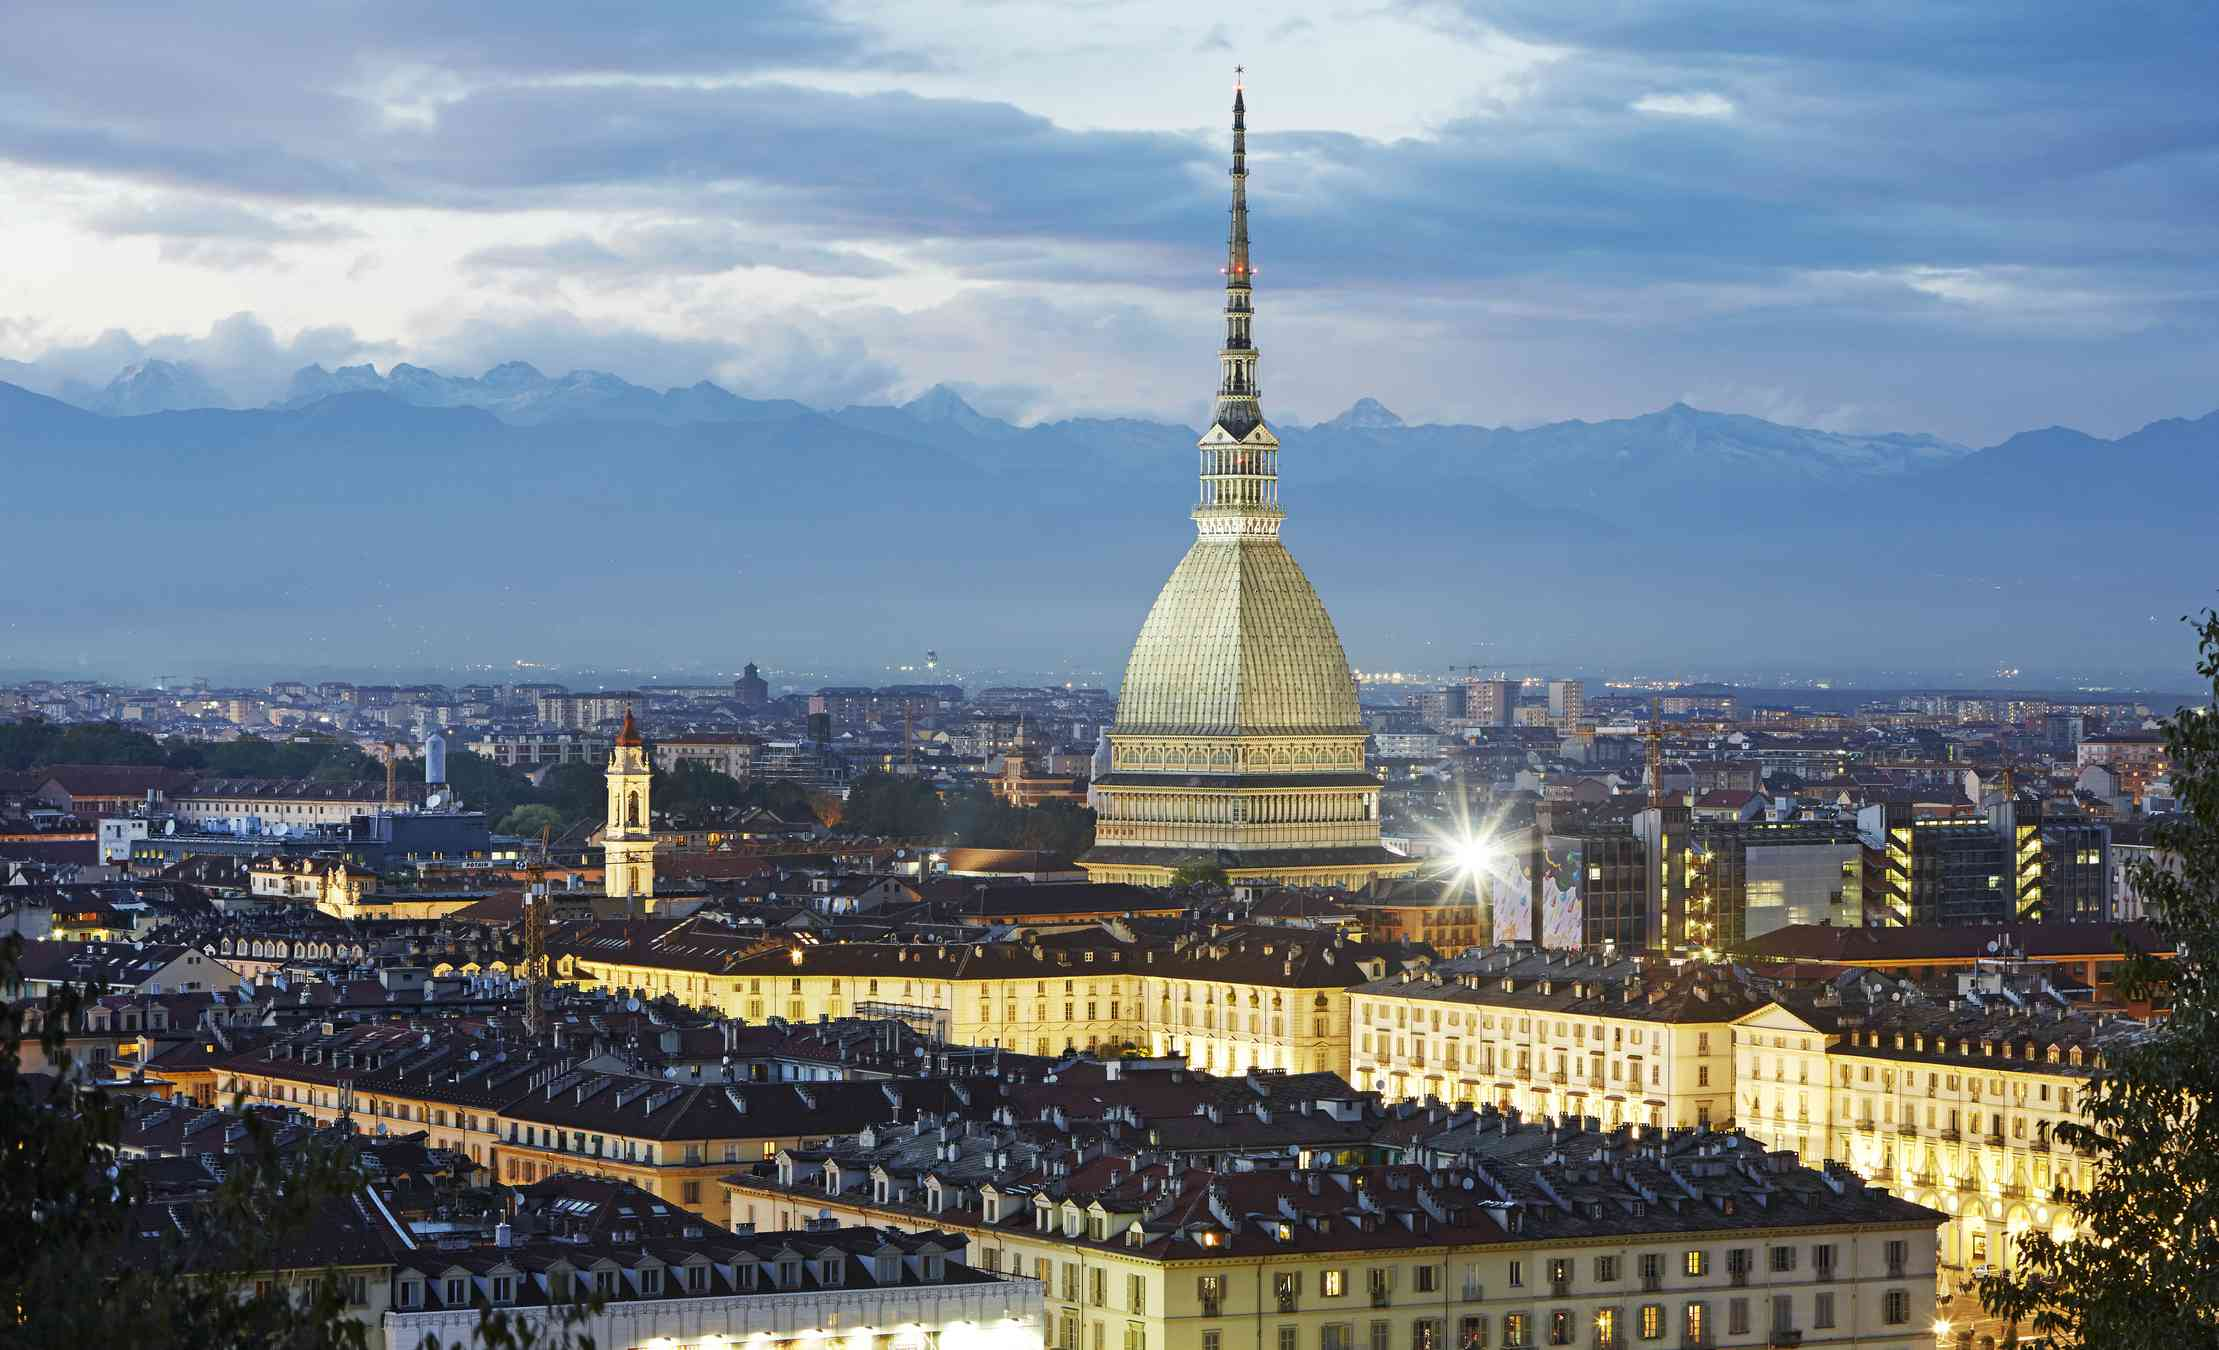 Turin cityscape